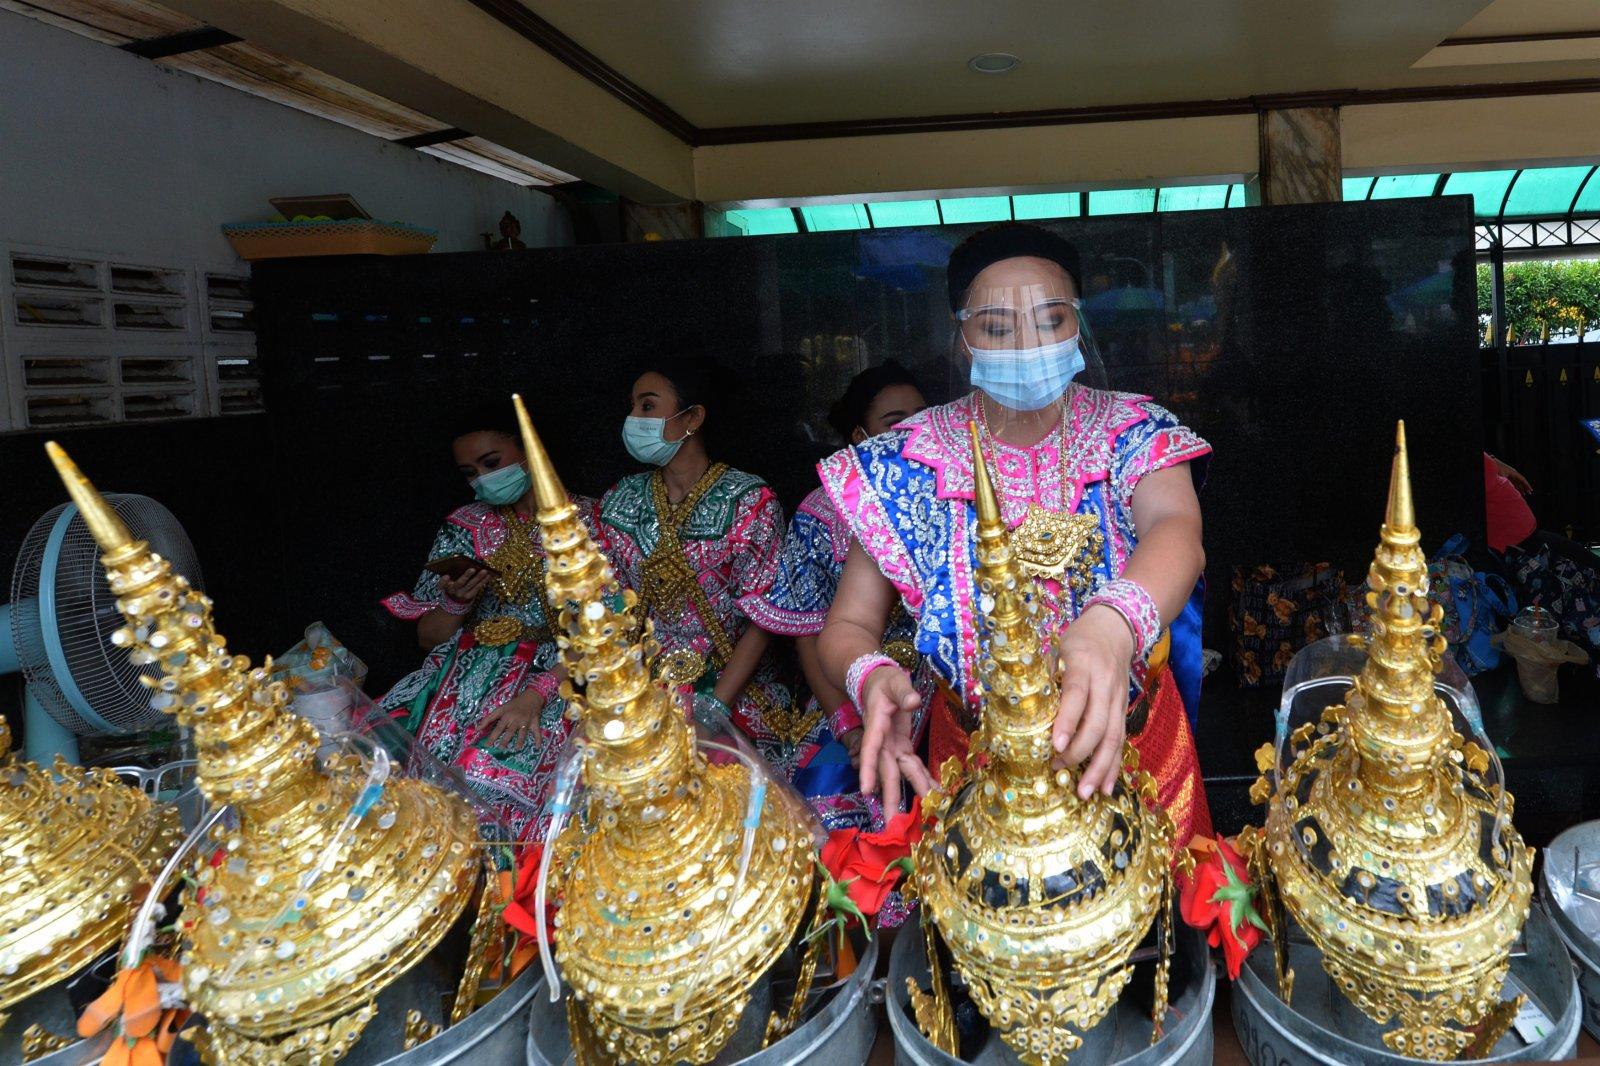 9月11日,在泰國曼谷,佩戴防護面罩的舞者表演完畢後休息。(新華社)